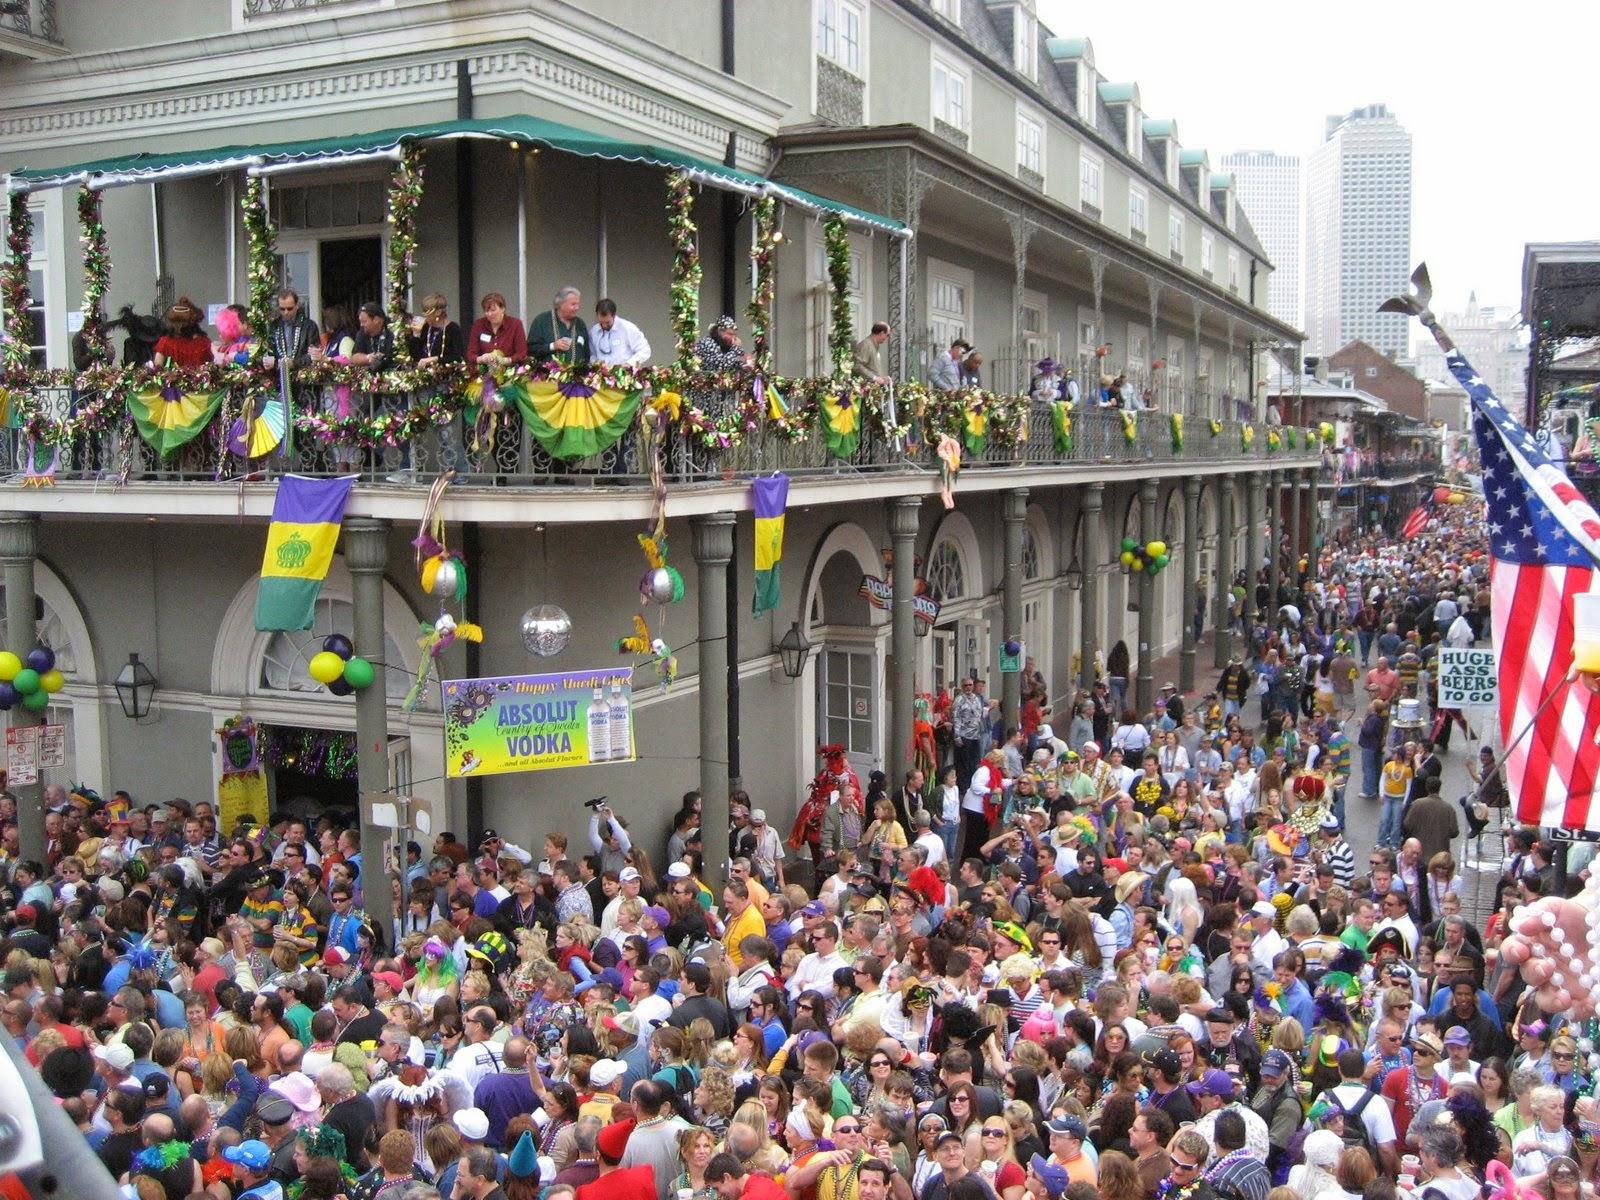 De otros mundos: Mardi Gras / El carnaval de New Orleans